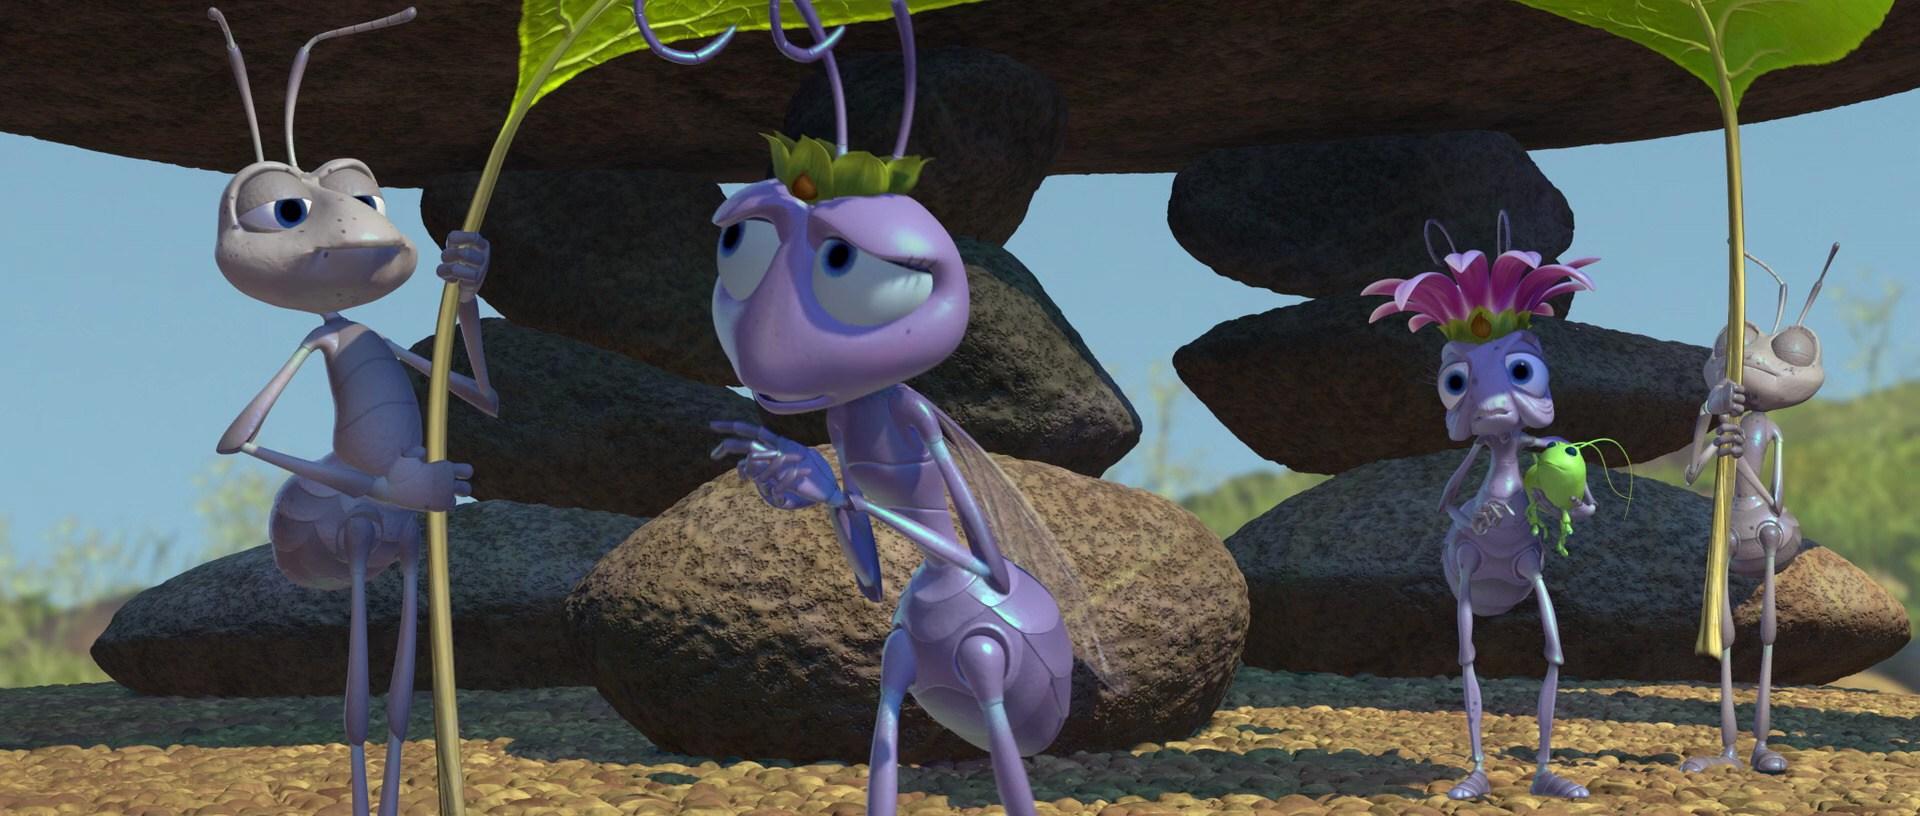 Bugs-life-disneyscreencaps.com-295.jpg